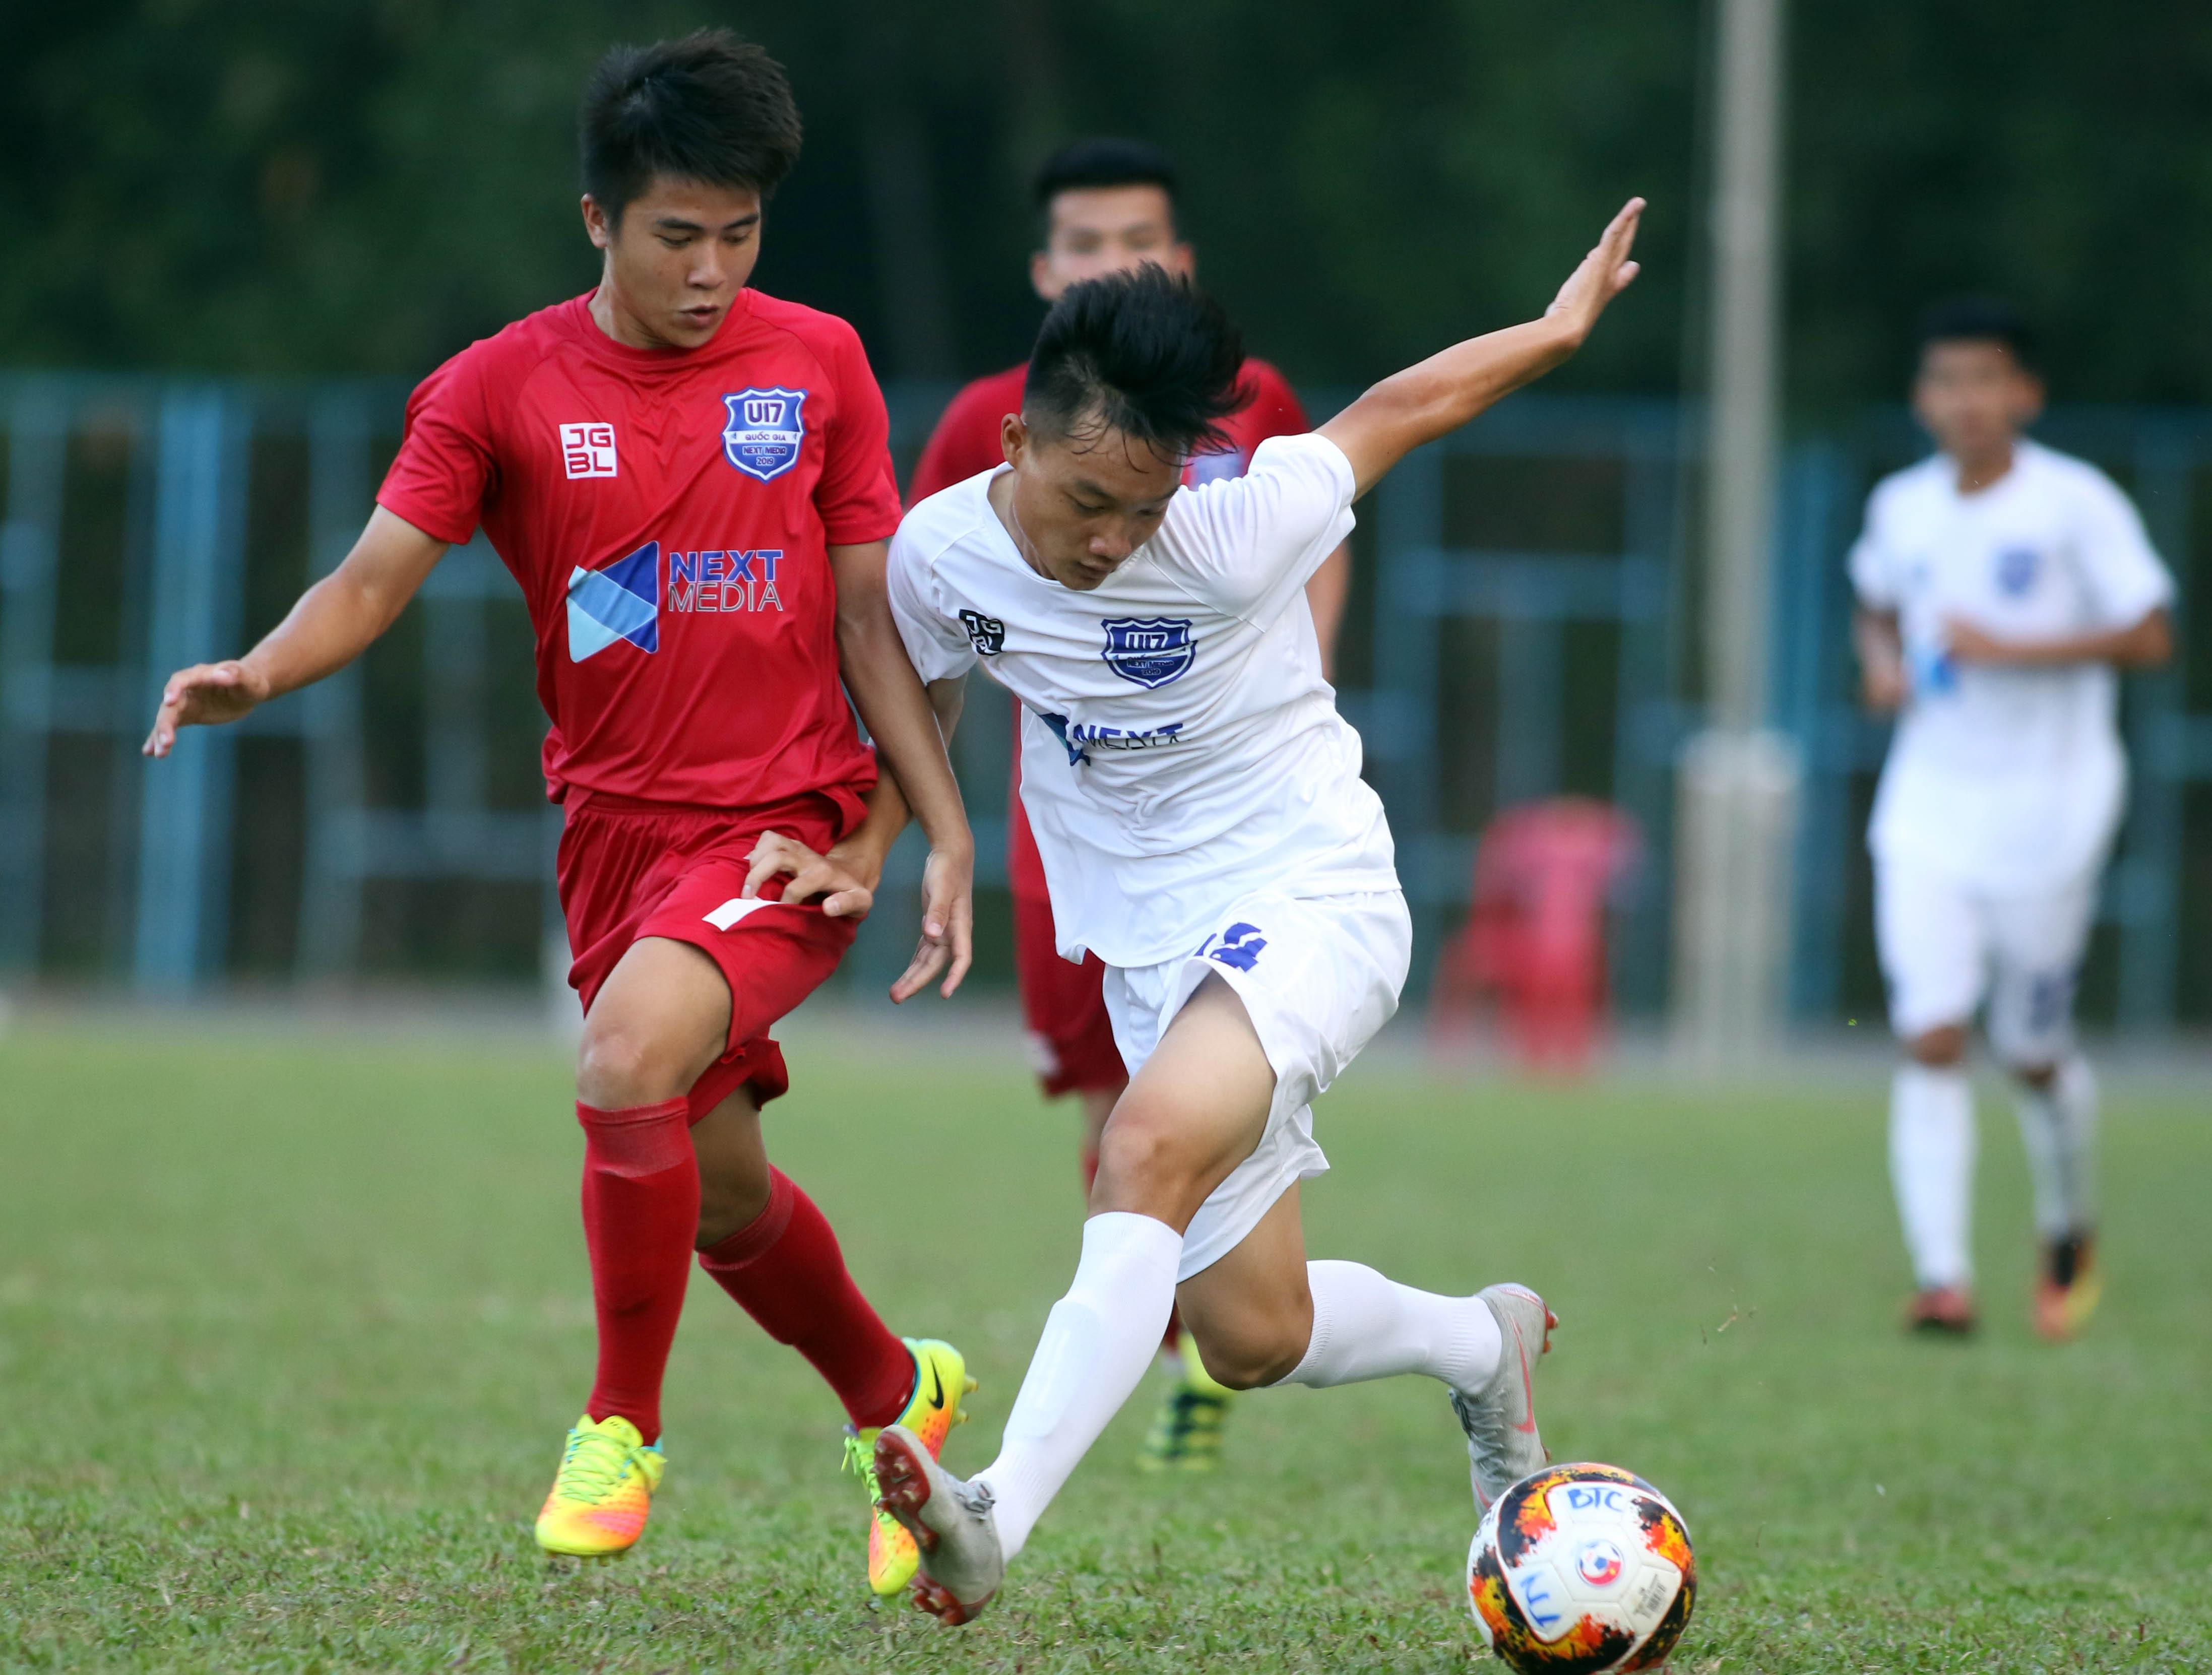 Thắng ngược Viettel, U17 PVF chạm trán Thanh Hóa trận chung kết - Bóng Đá